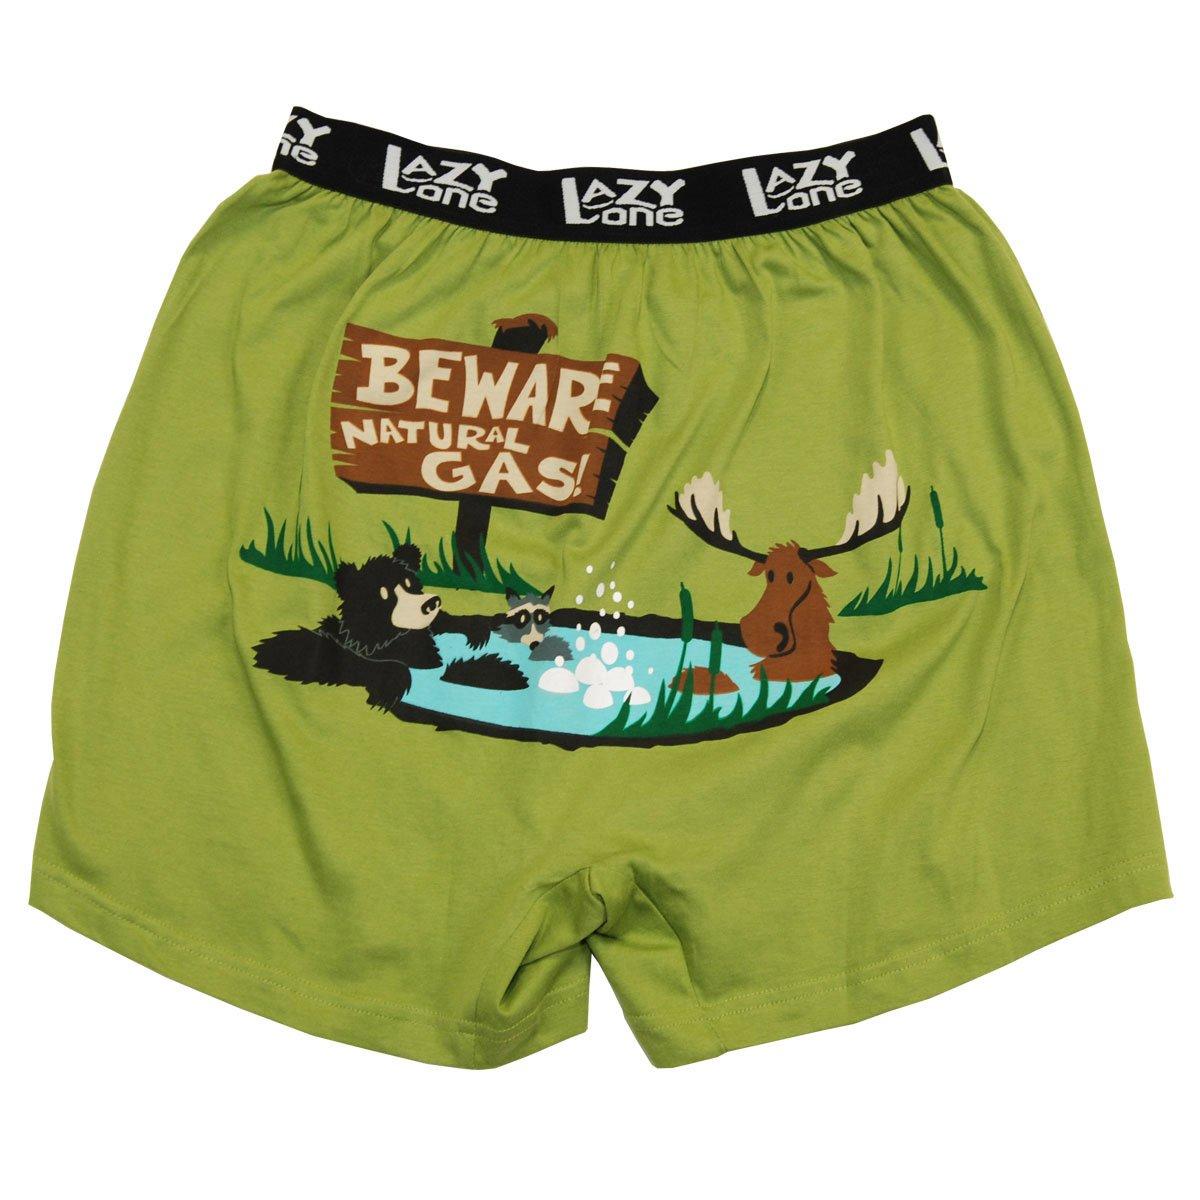 Beware of Natural Gas Big Boys Comical Boxer Shorts